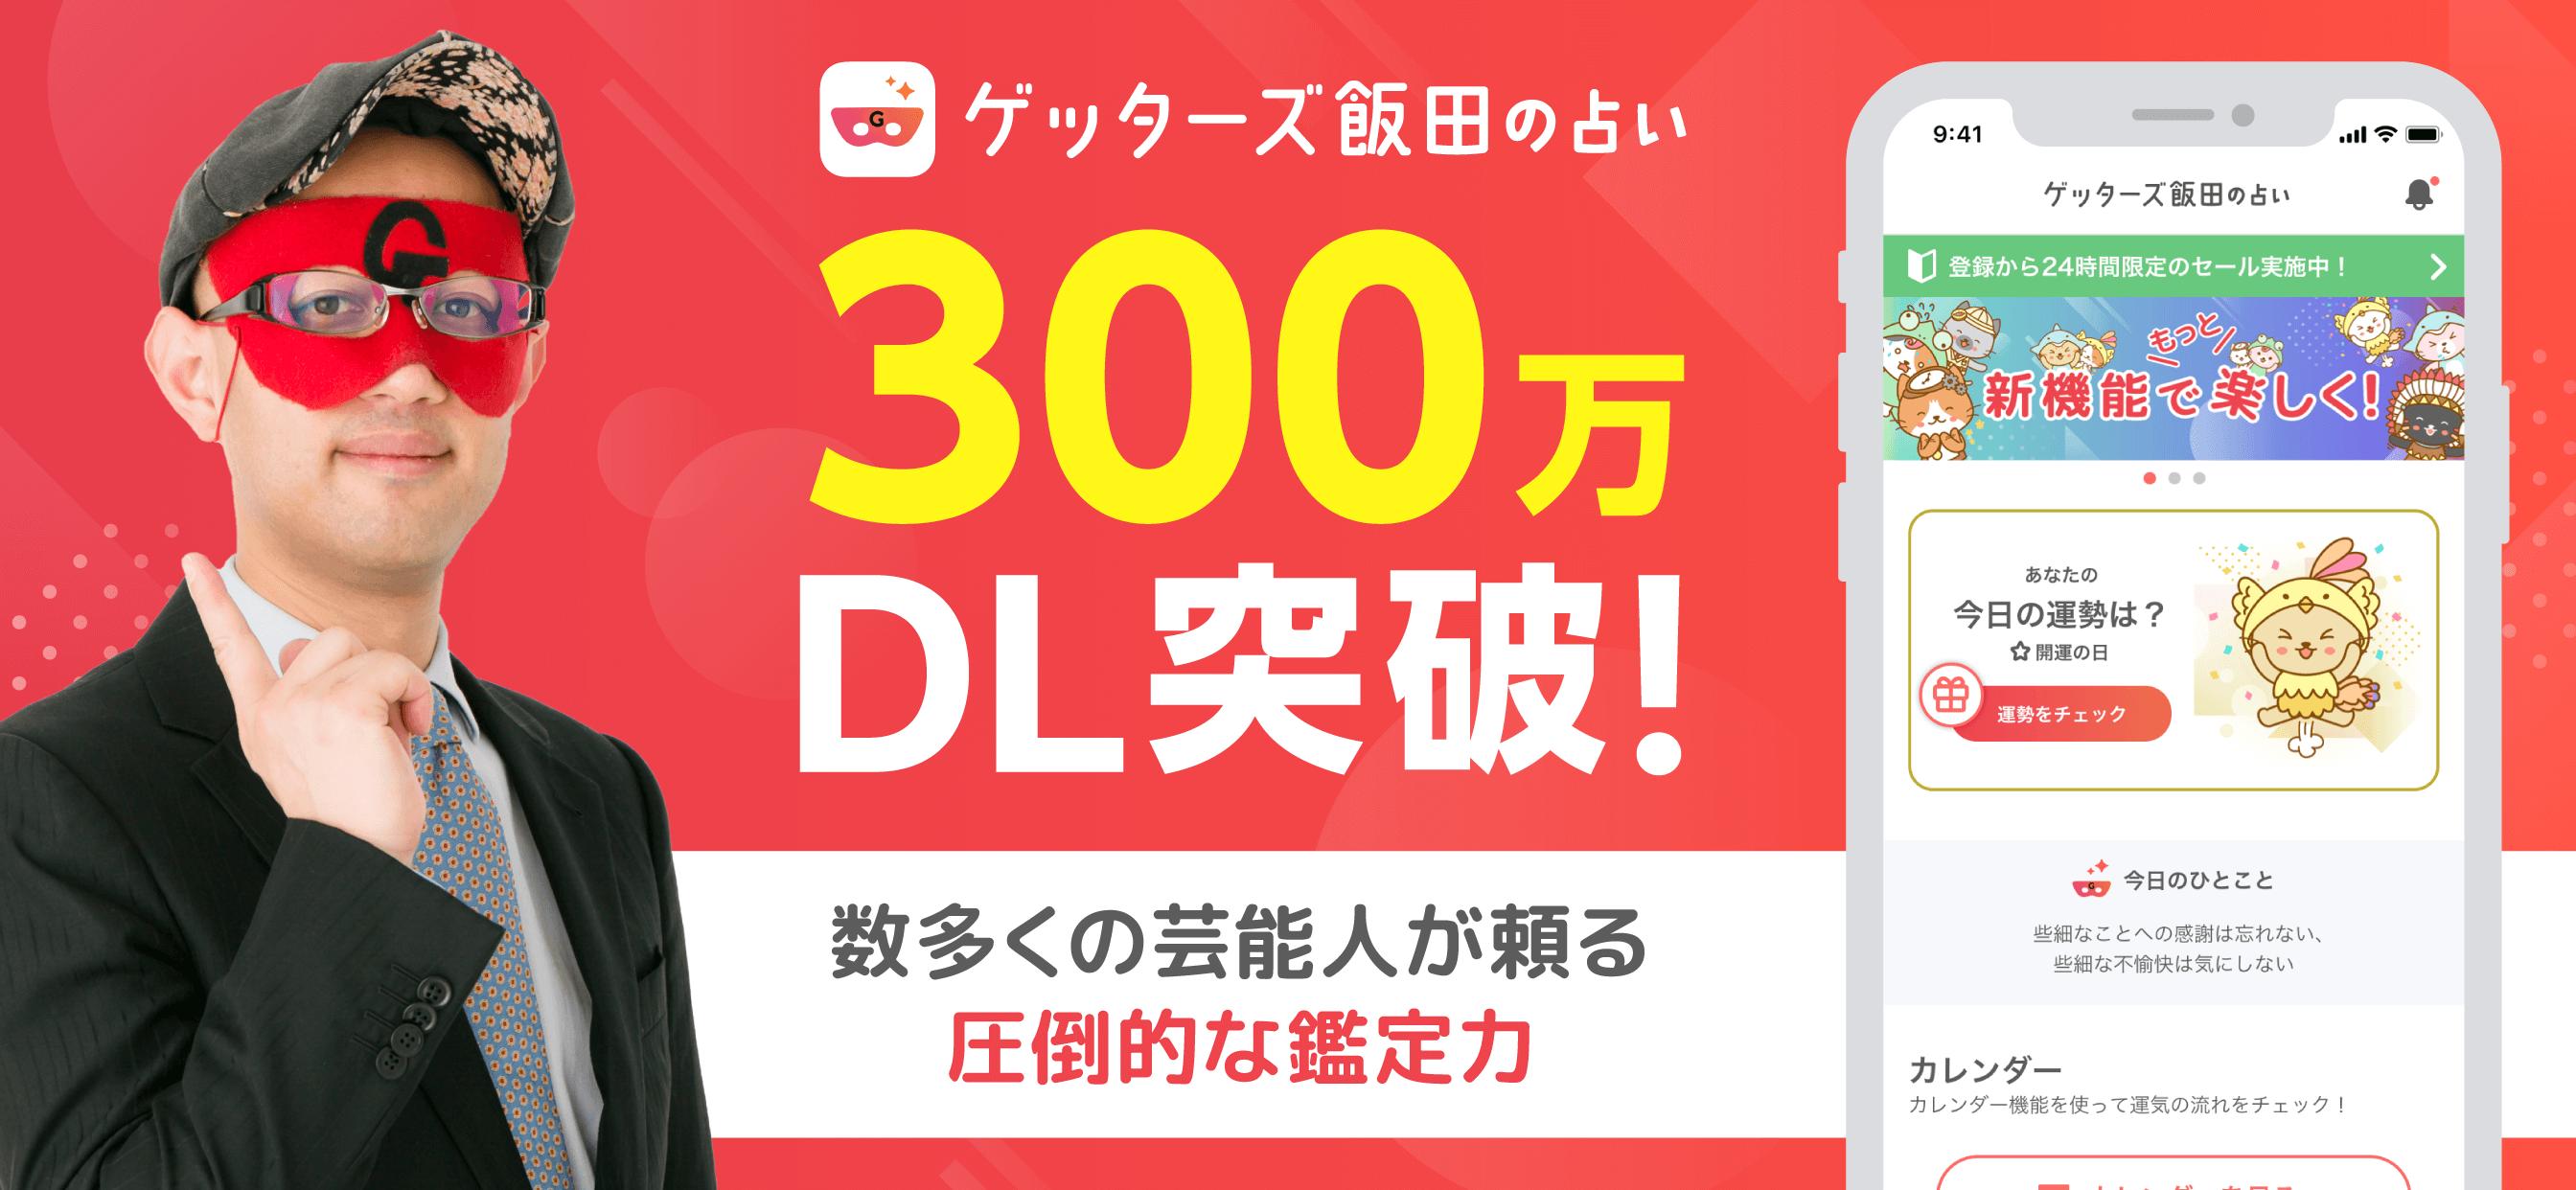 300万ダウンロード突破!ゲッターズ飯田公式占いアプリ